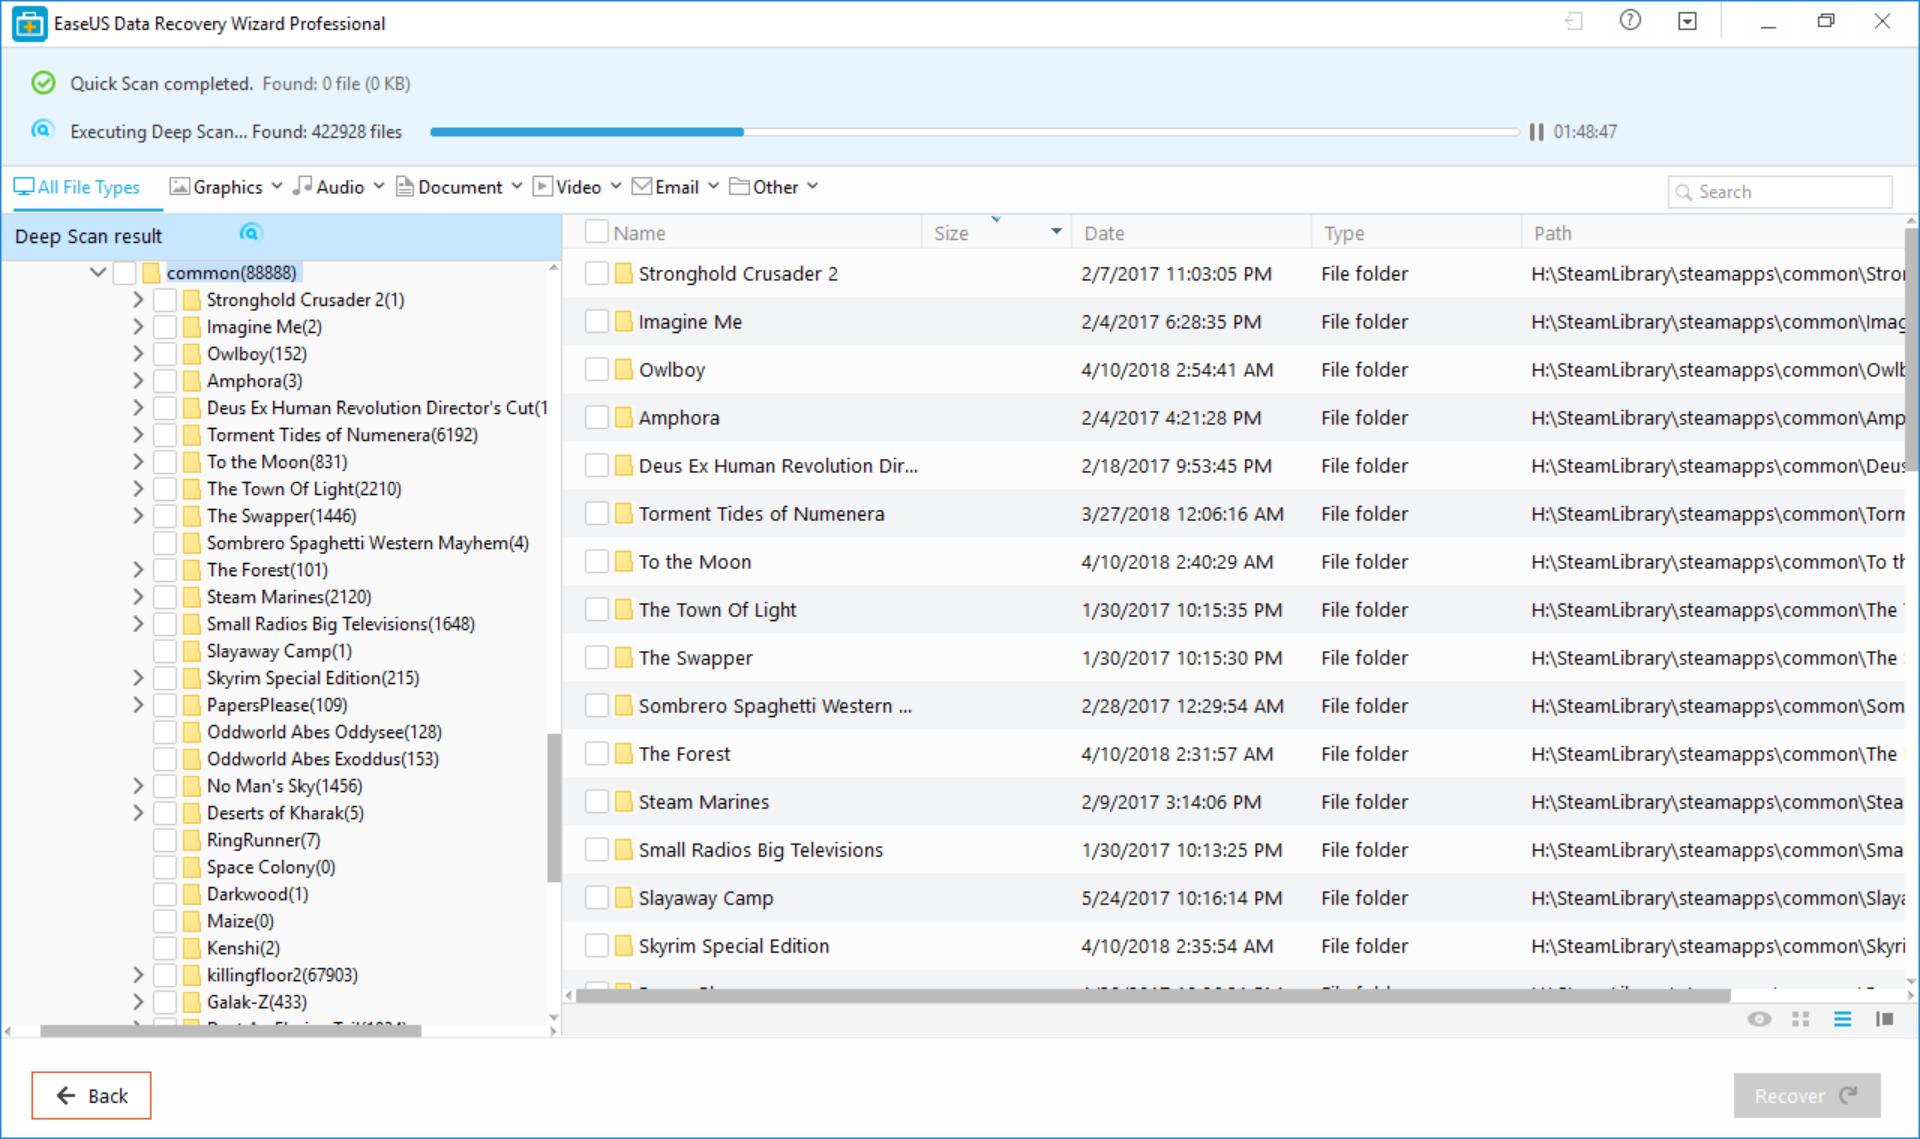 Η επαναφορά αρχείων από σκληρούς δίσκους είναι παιχνίδι: EaseUS Data Recovery Wizard Professional Review – παρουσίαση